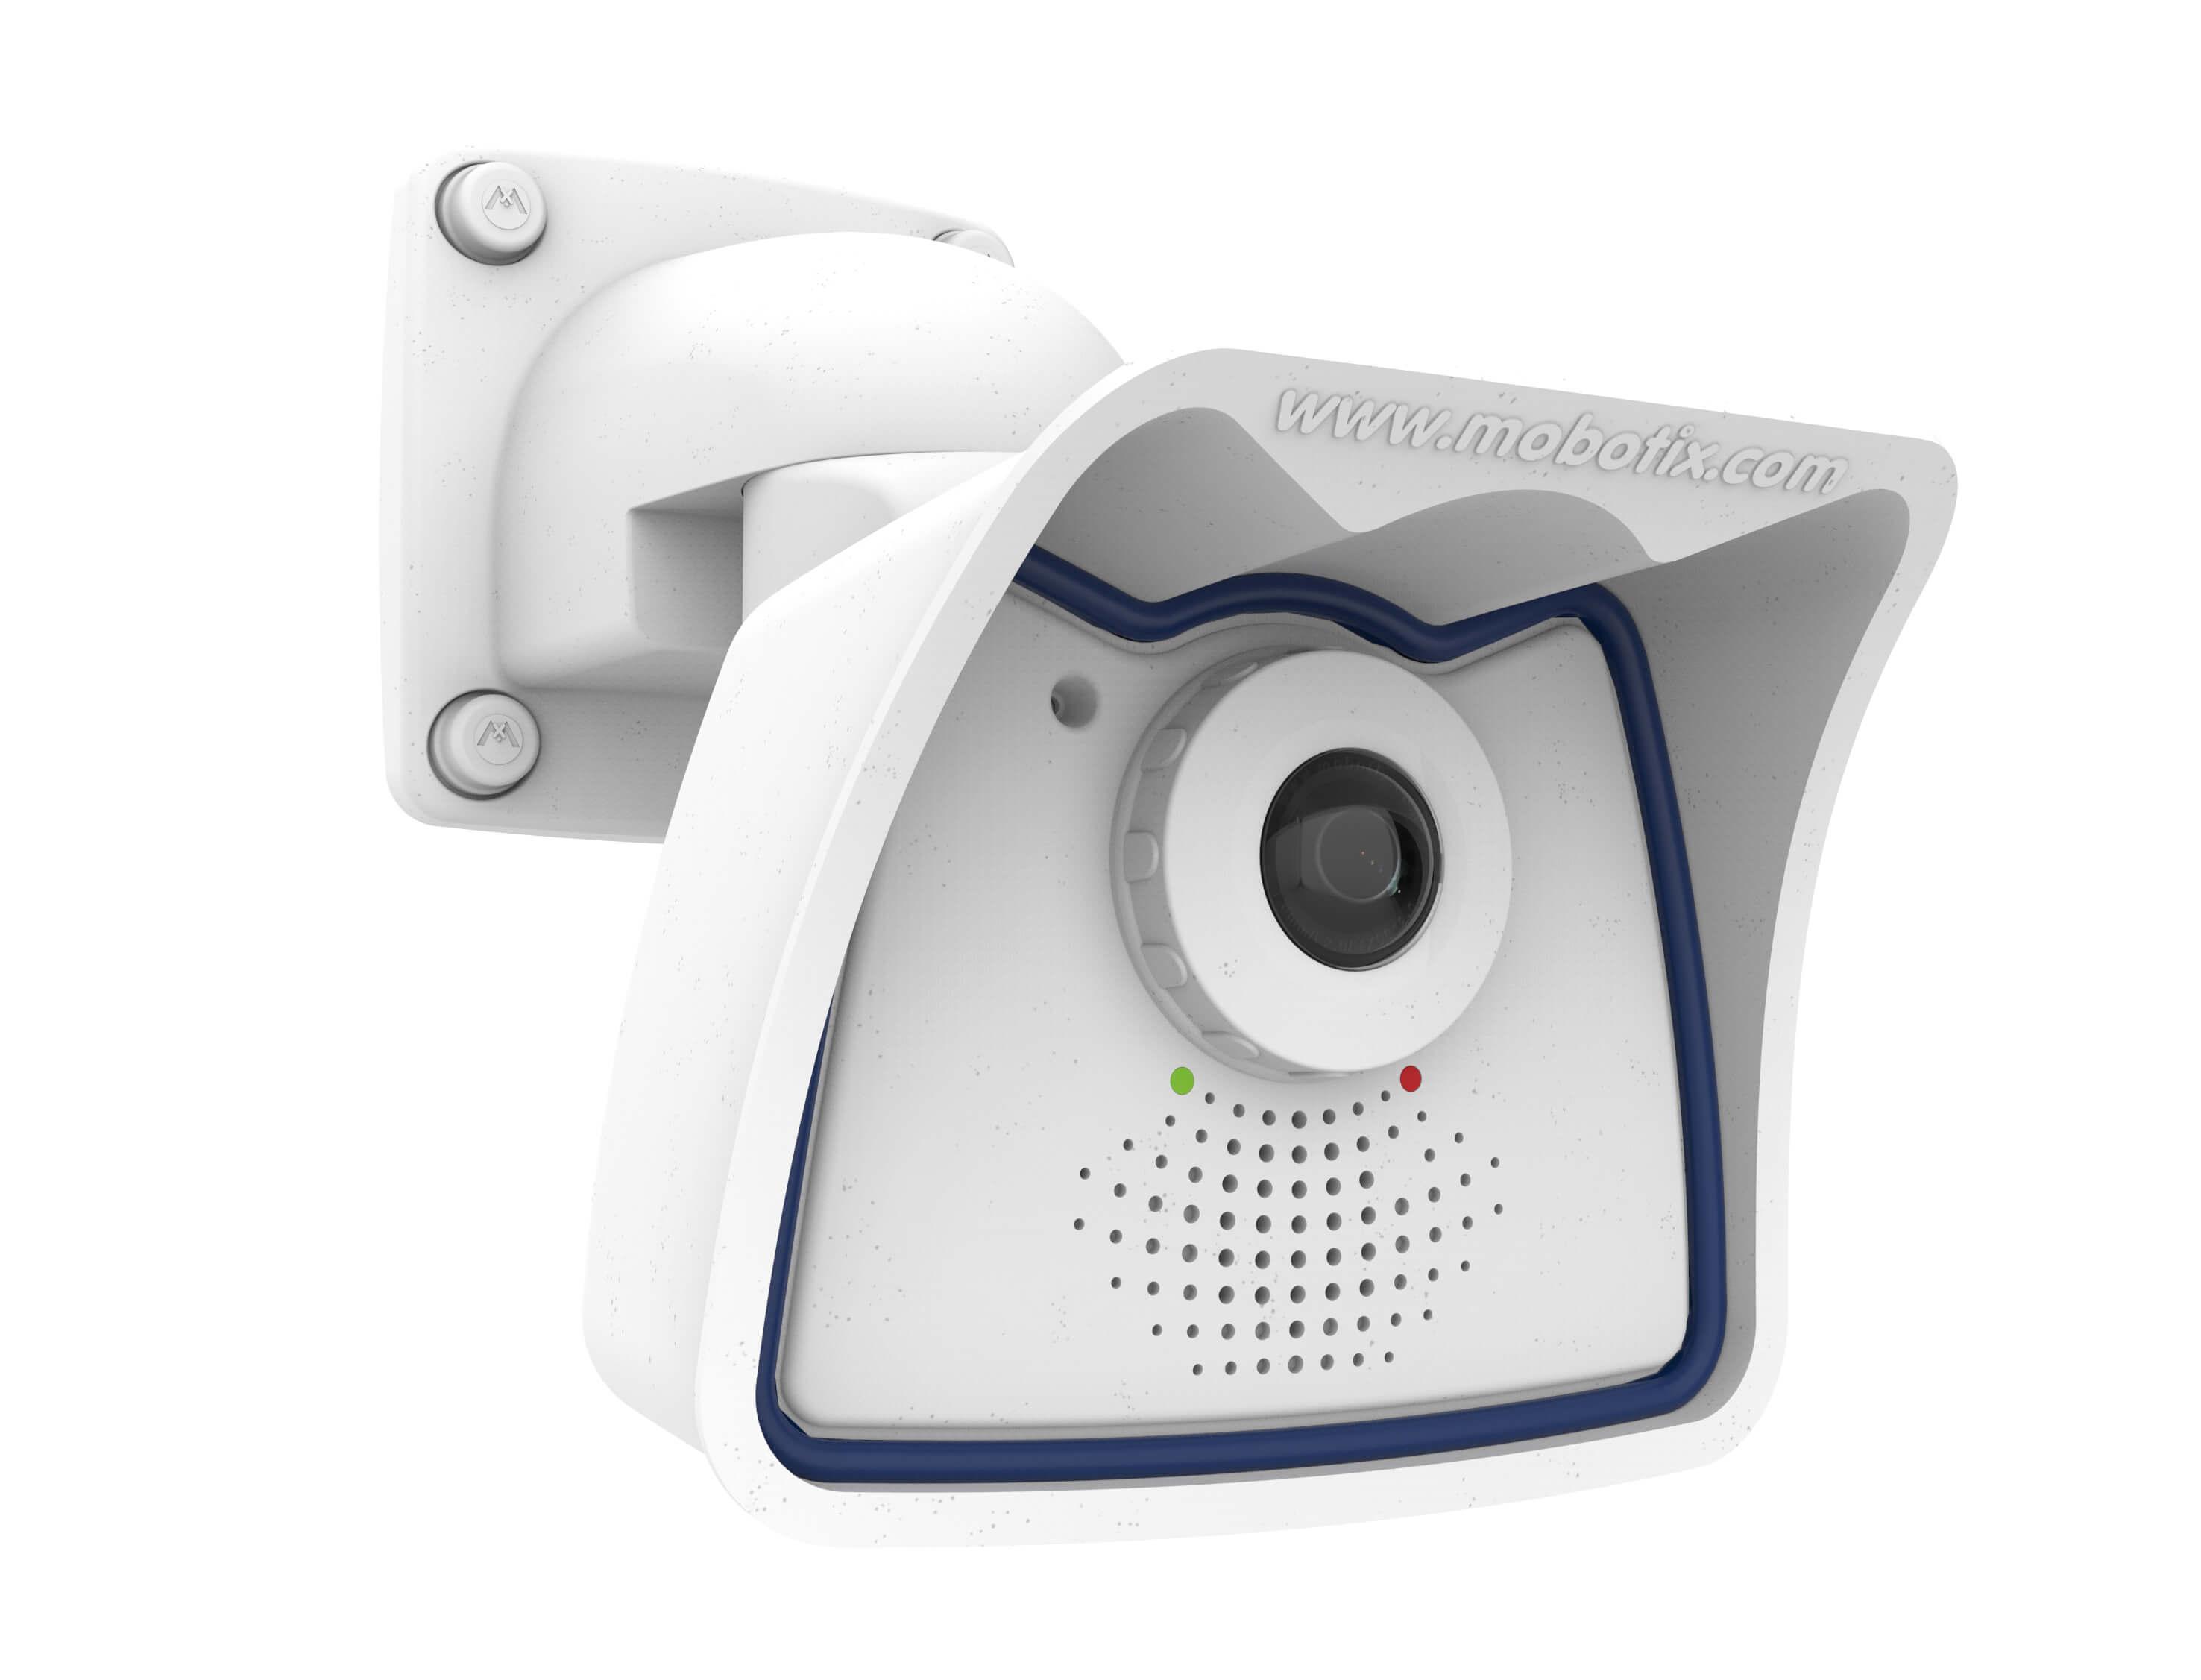 mobotix M26 outdoor security camera